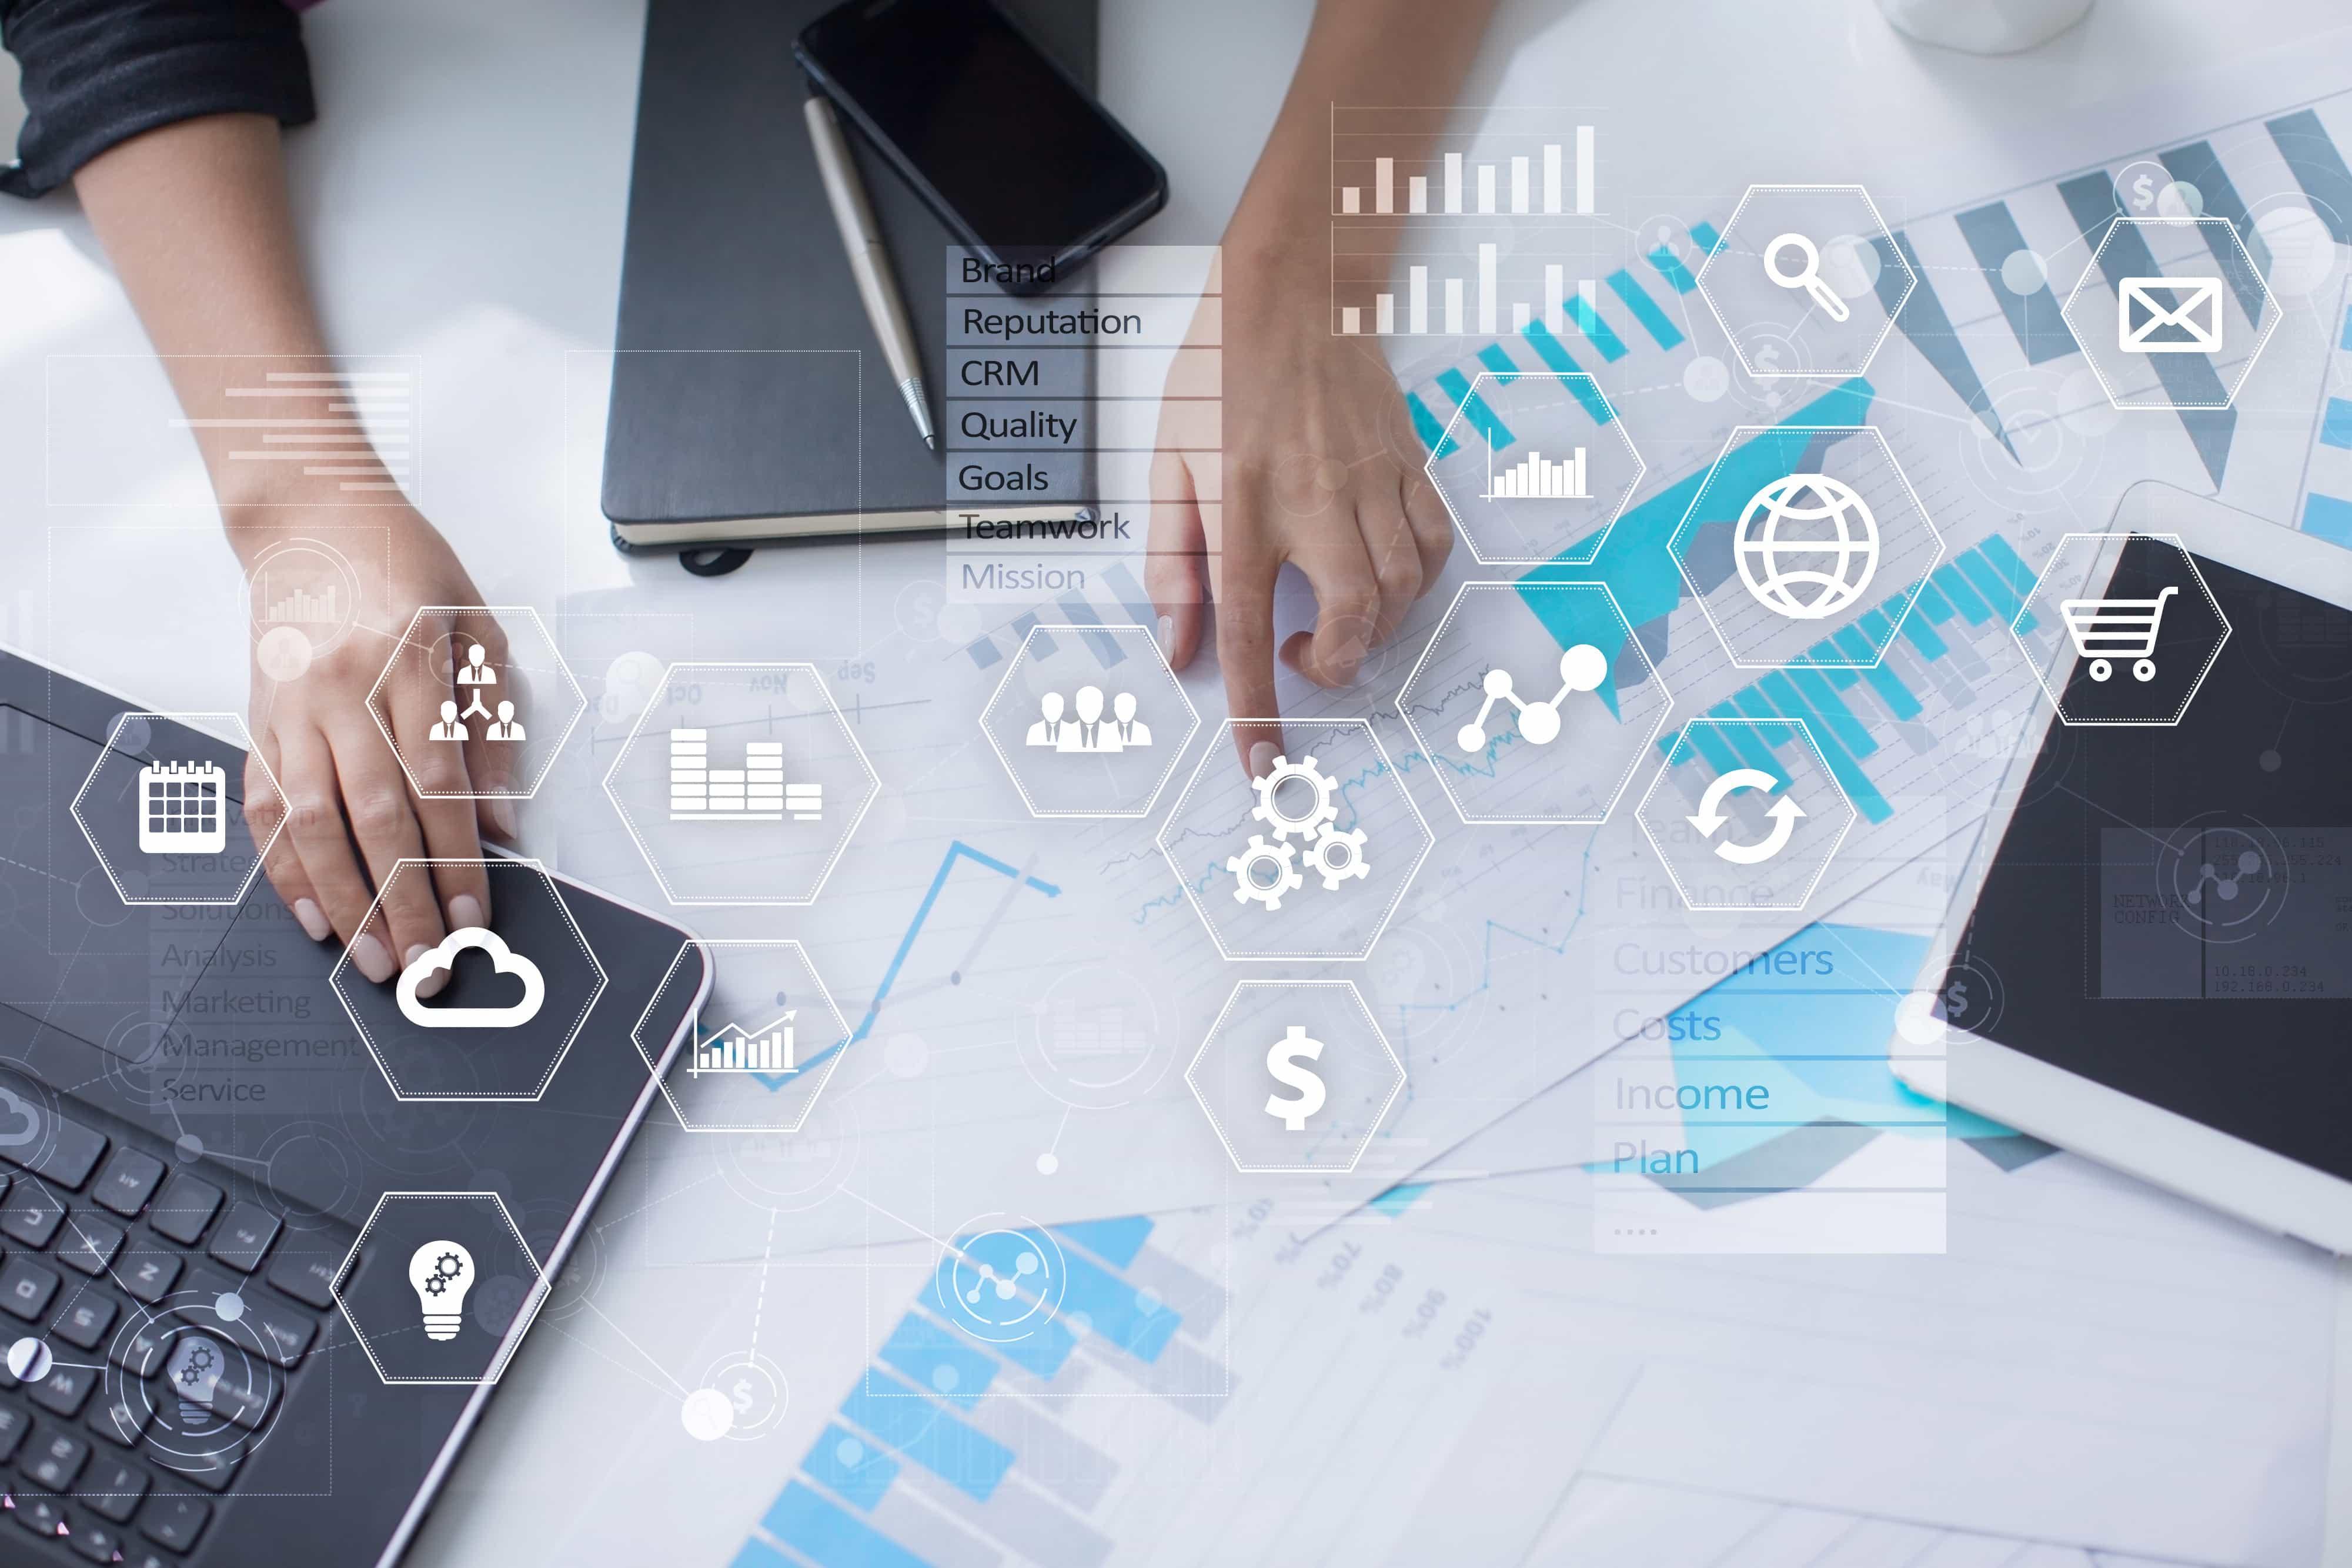 基幹システムとは?ERP、情報系システムとの違いやメリットを説明